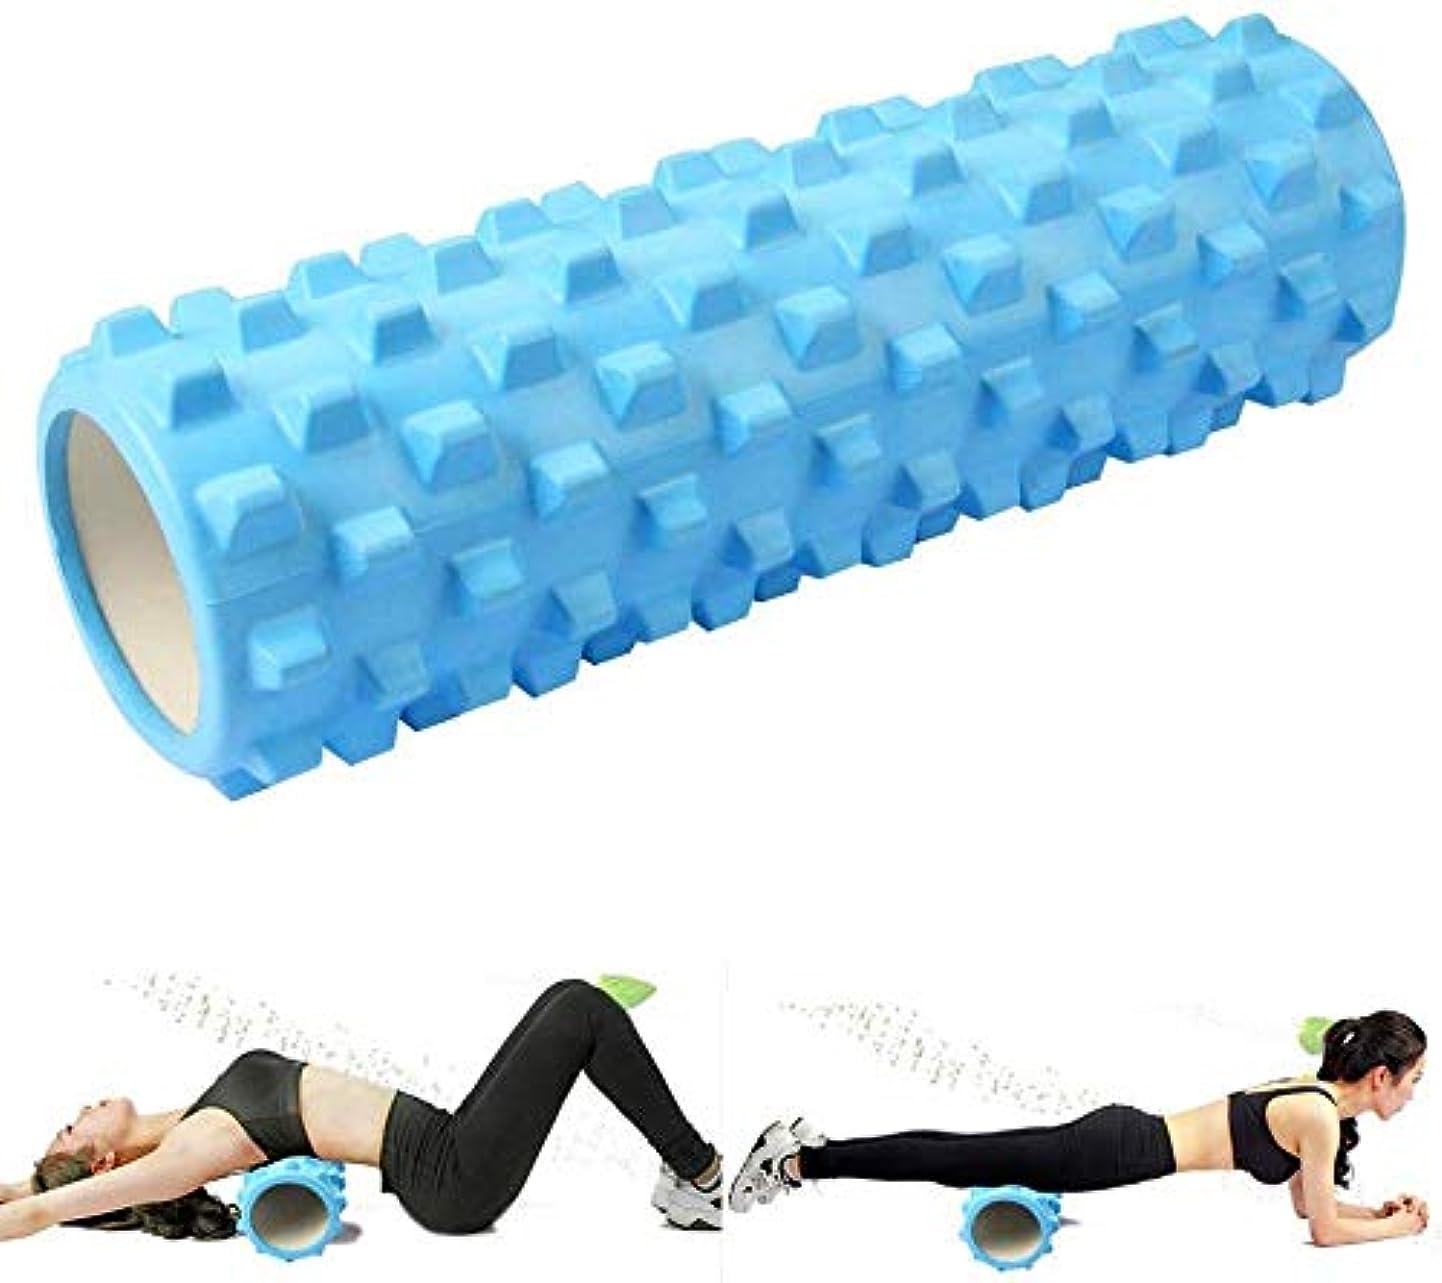 肘ブーストパシフィックフォームローラー、理学療法と運動のための深部組織筋肉マッサージヨガフォームローラー,Blue